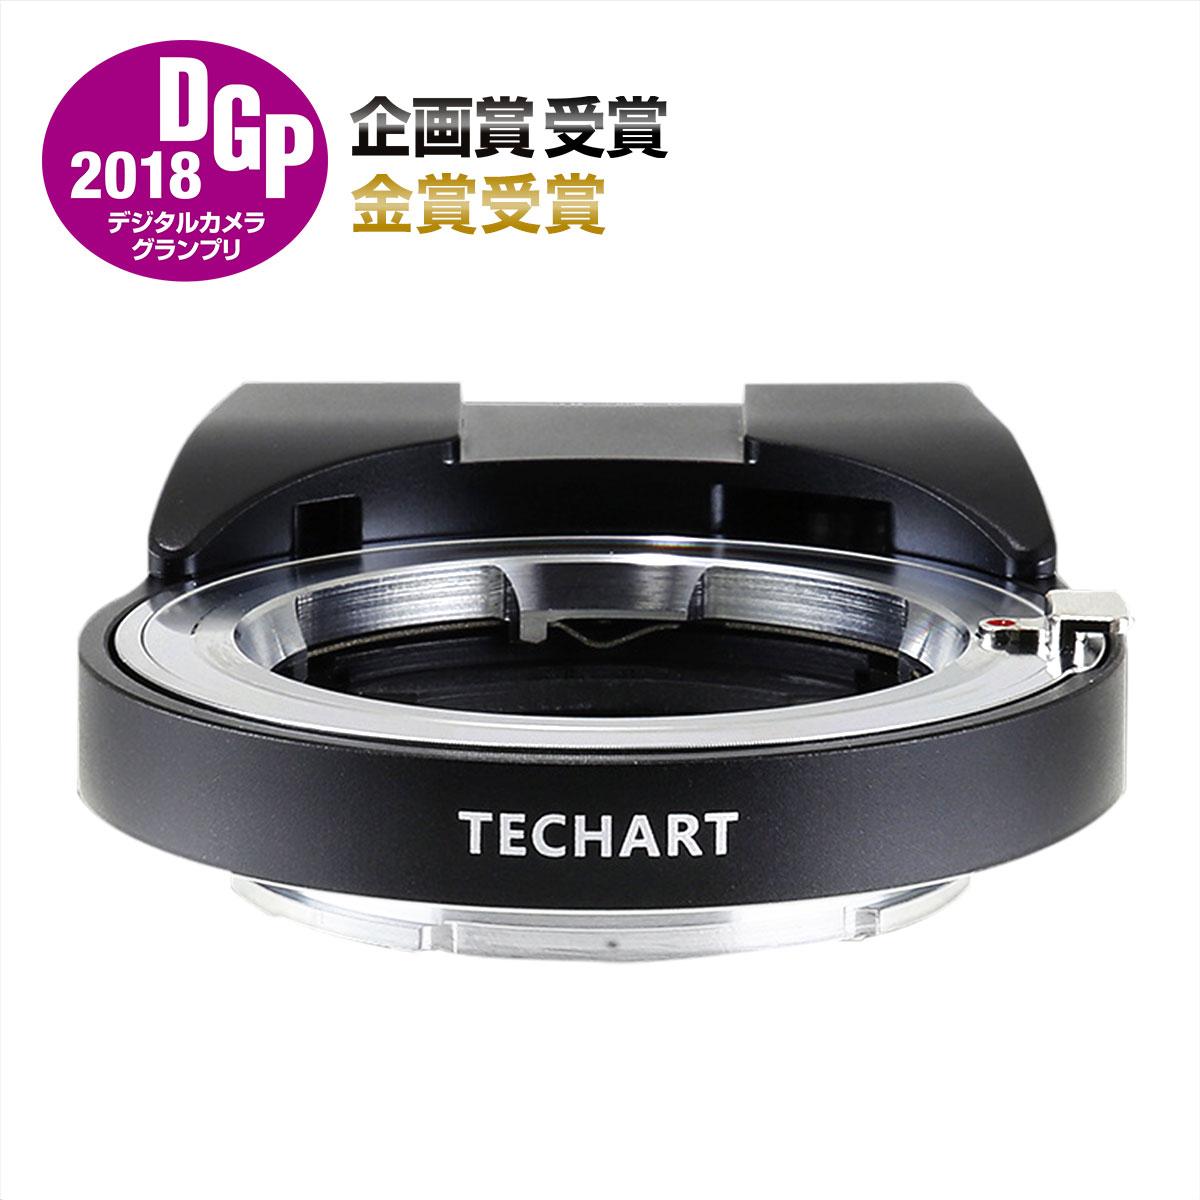 マウントアダプター TECHART LM-EA7 ライカMマウントレンズ - ソニーα.Eマウント電子カメラ